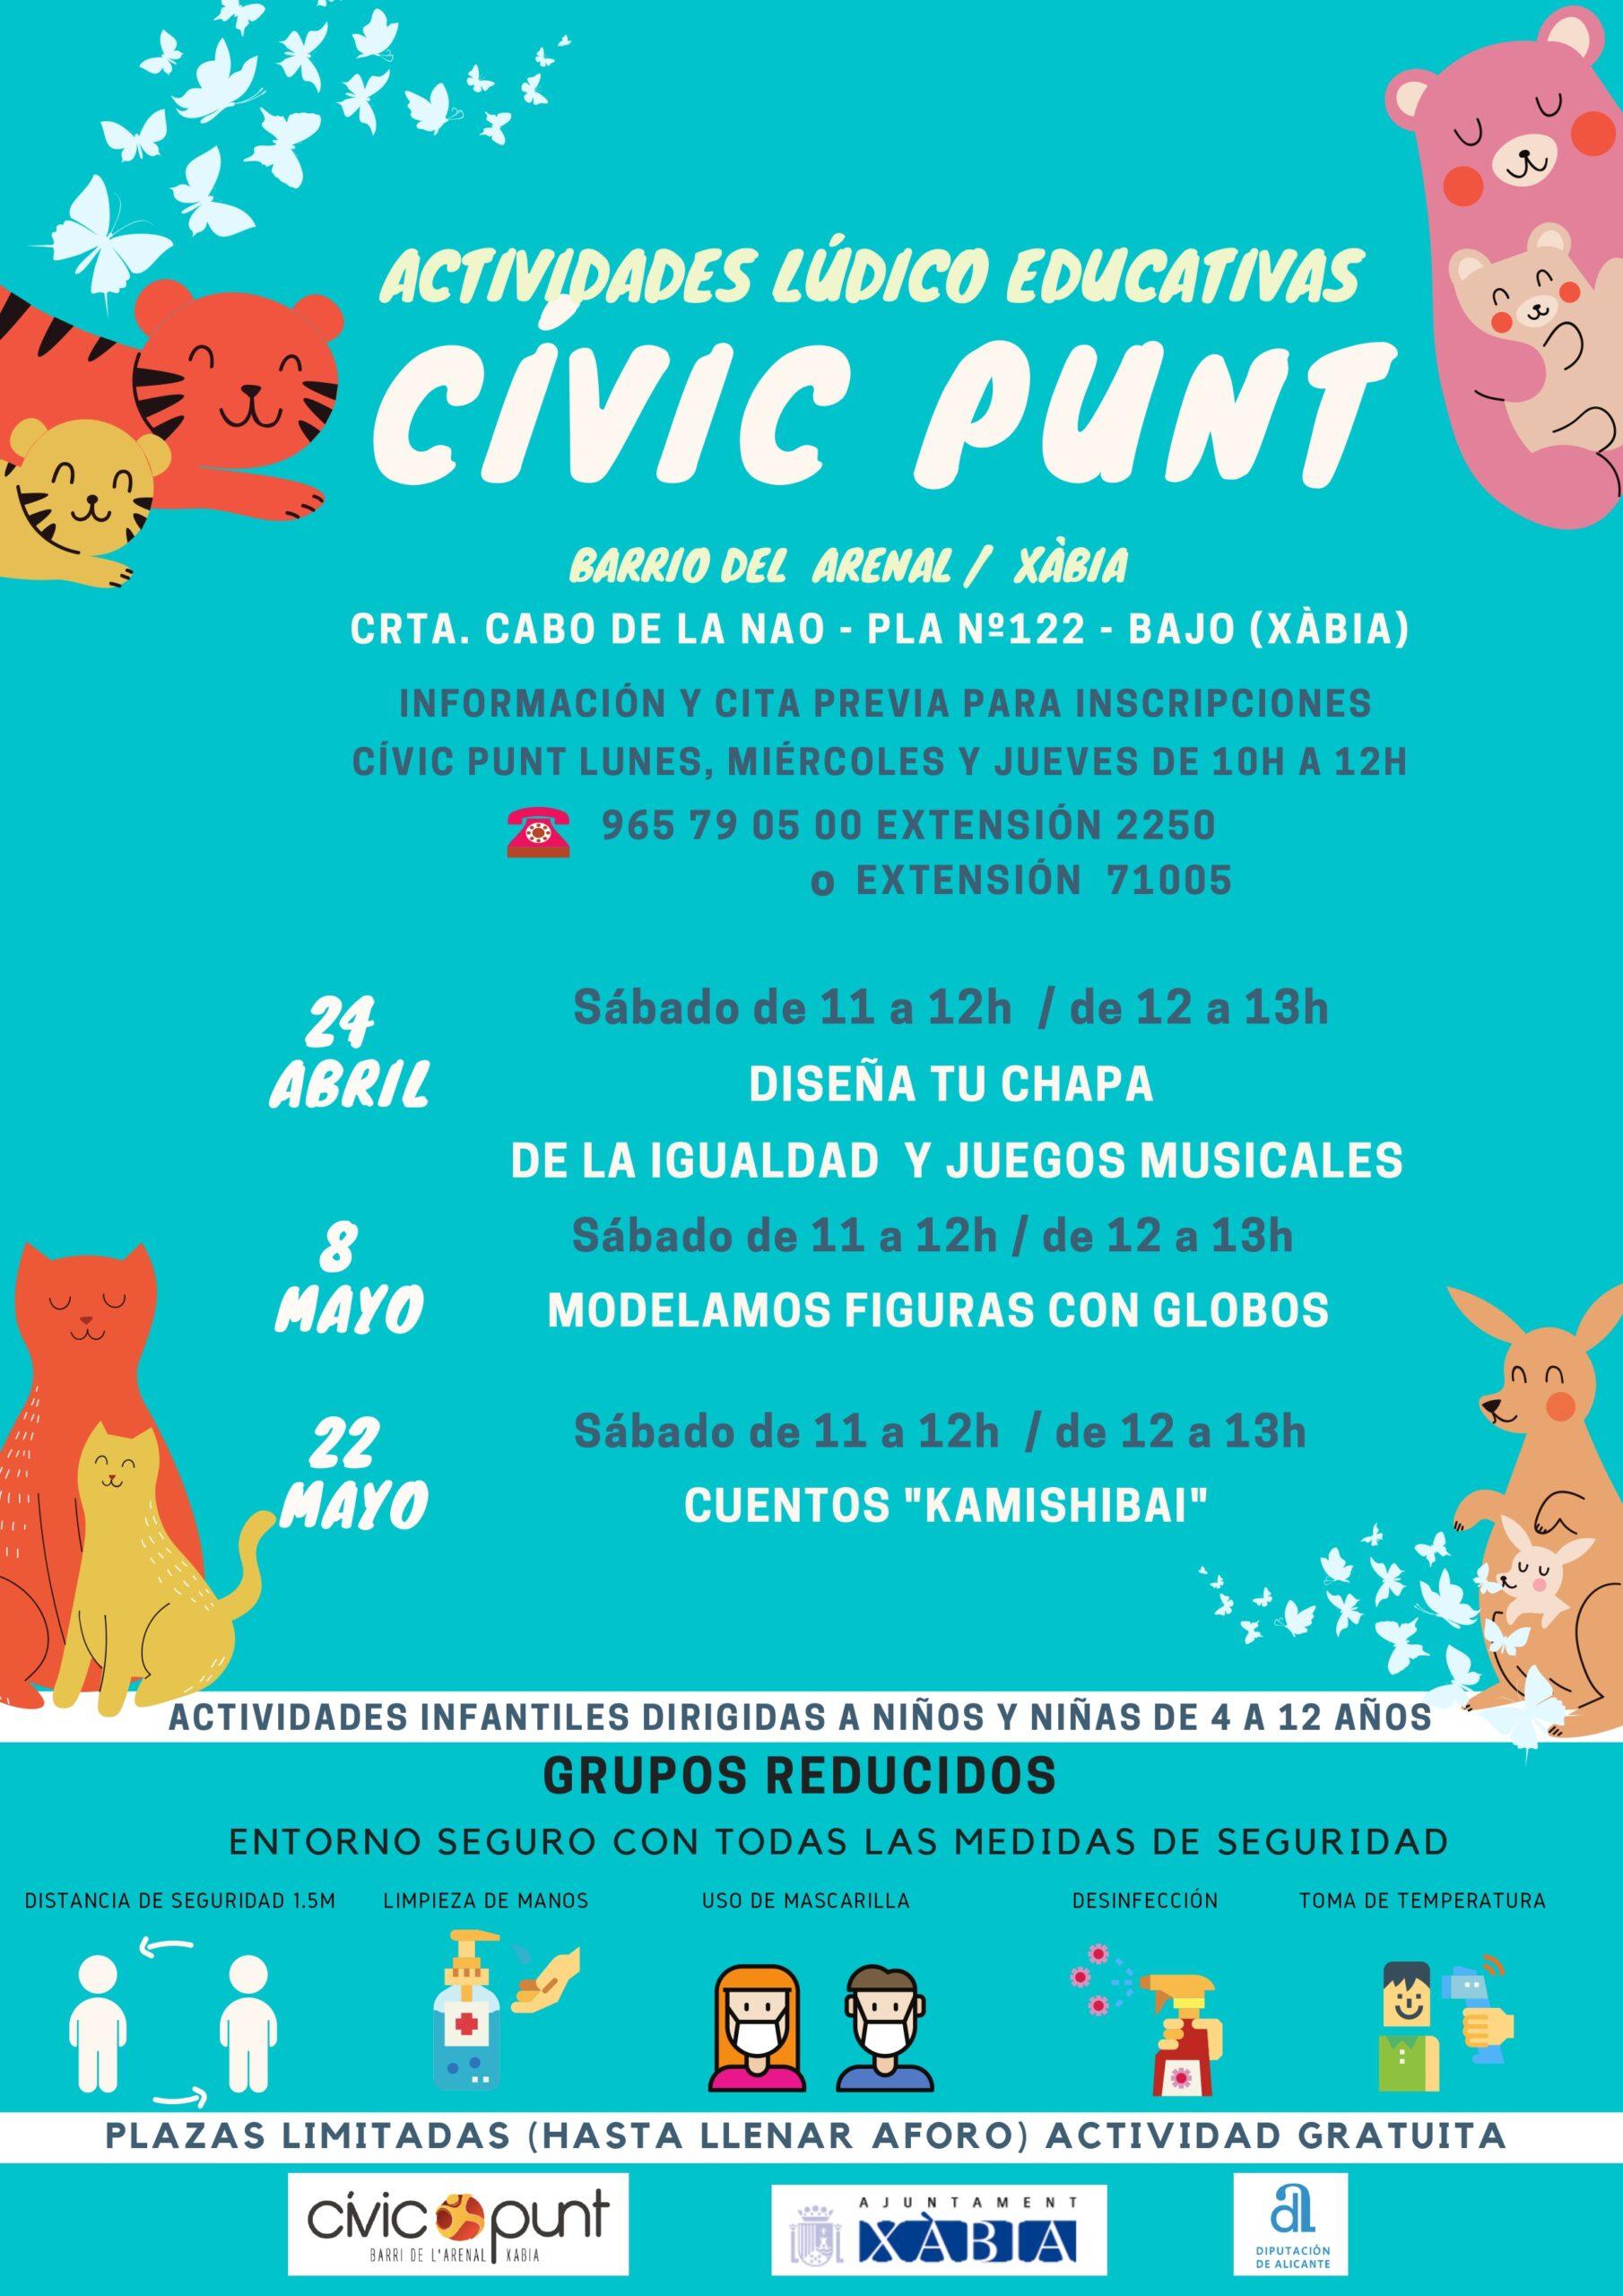 Cartel de actividades del Civic Punt